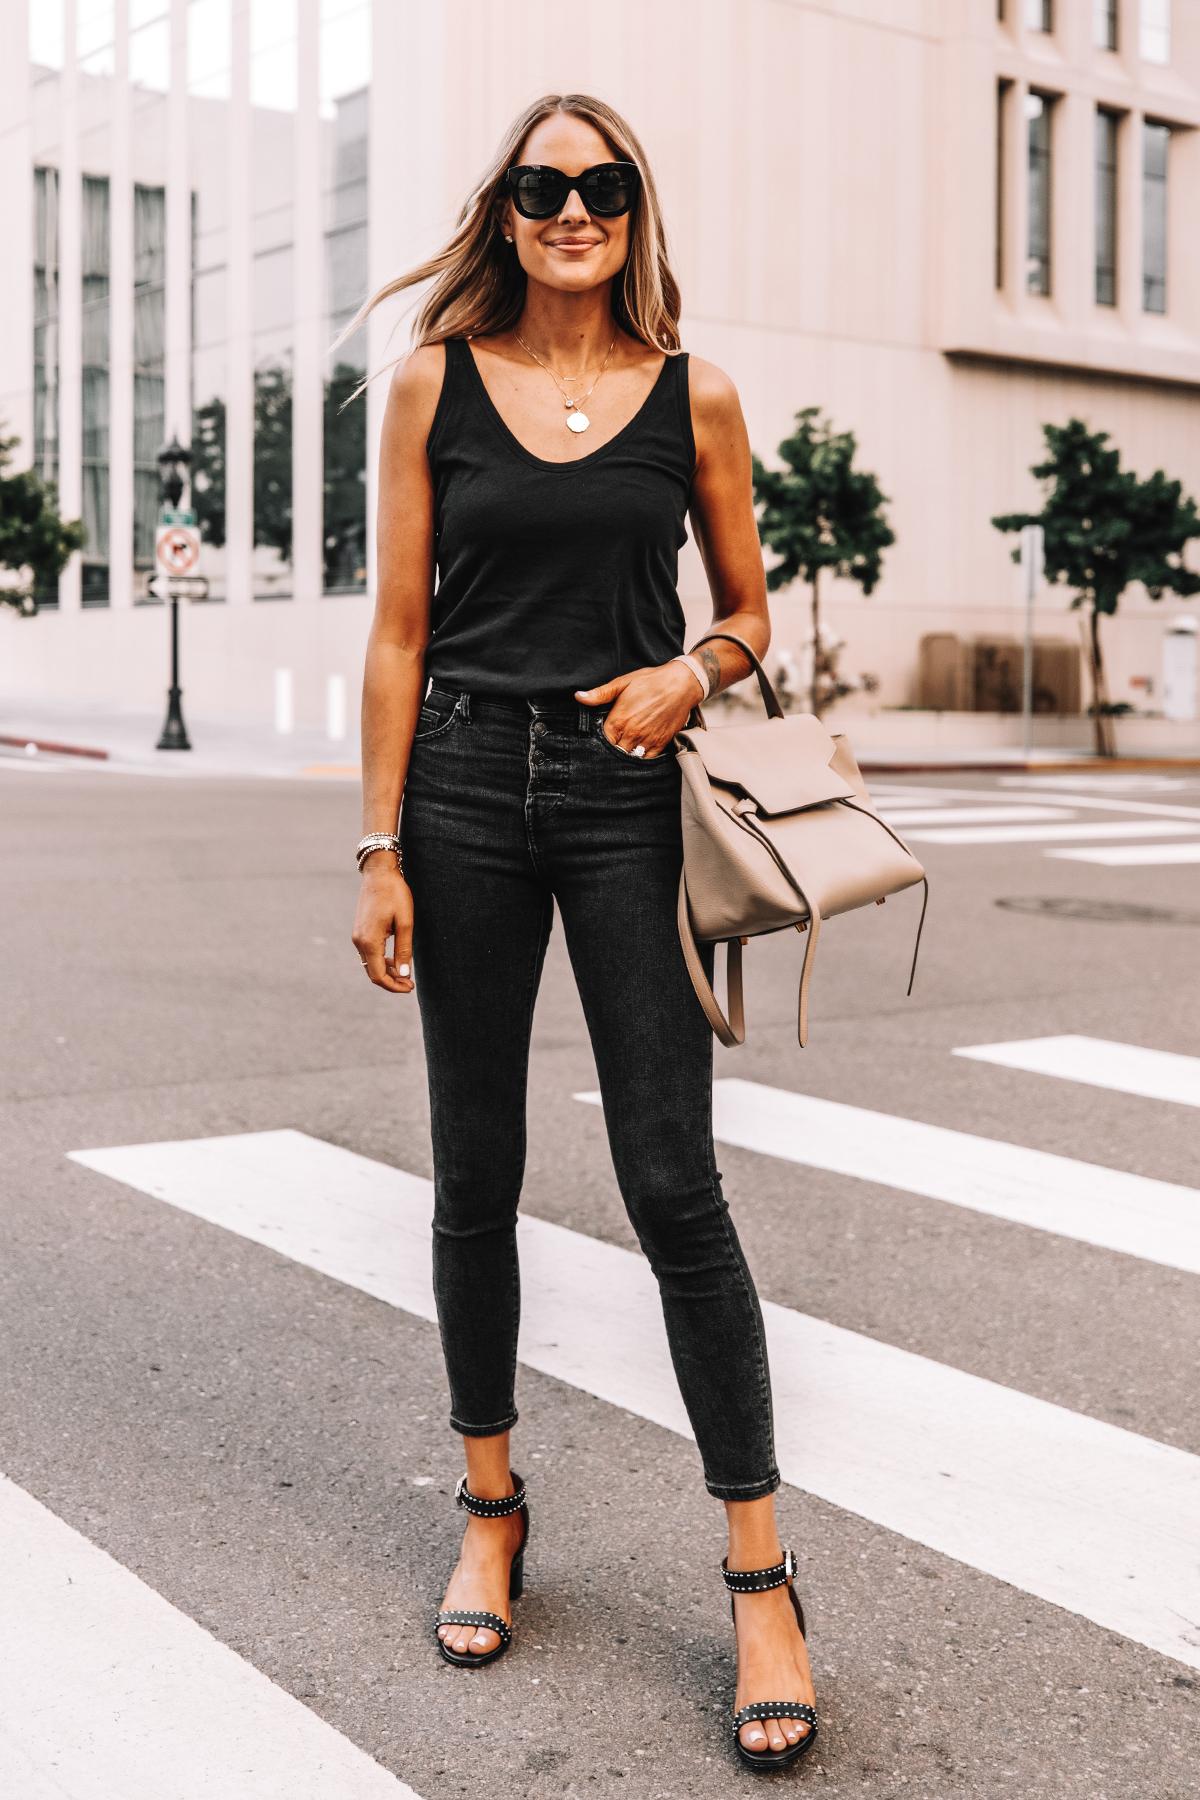 Fashion Jackson Wearing Everlane Black The Air Cami Everlane Black Skinny Jeans Givenchy Black Elegant 60 studded leather sandals Celine Belt Bag